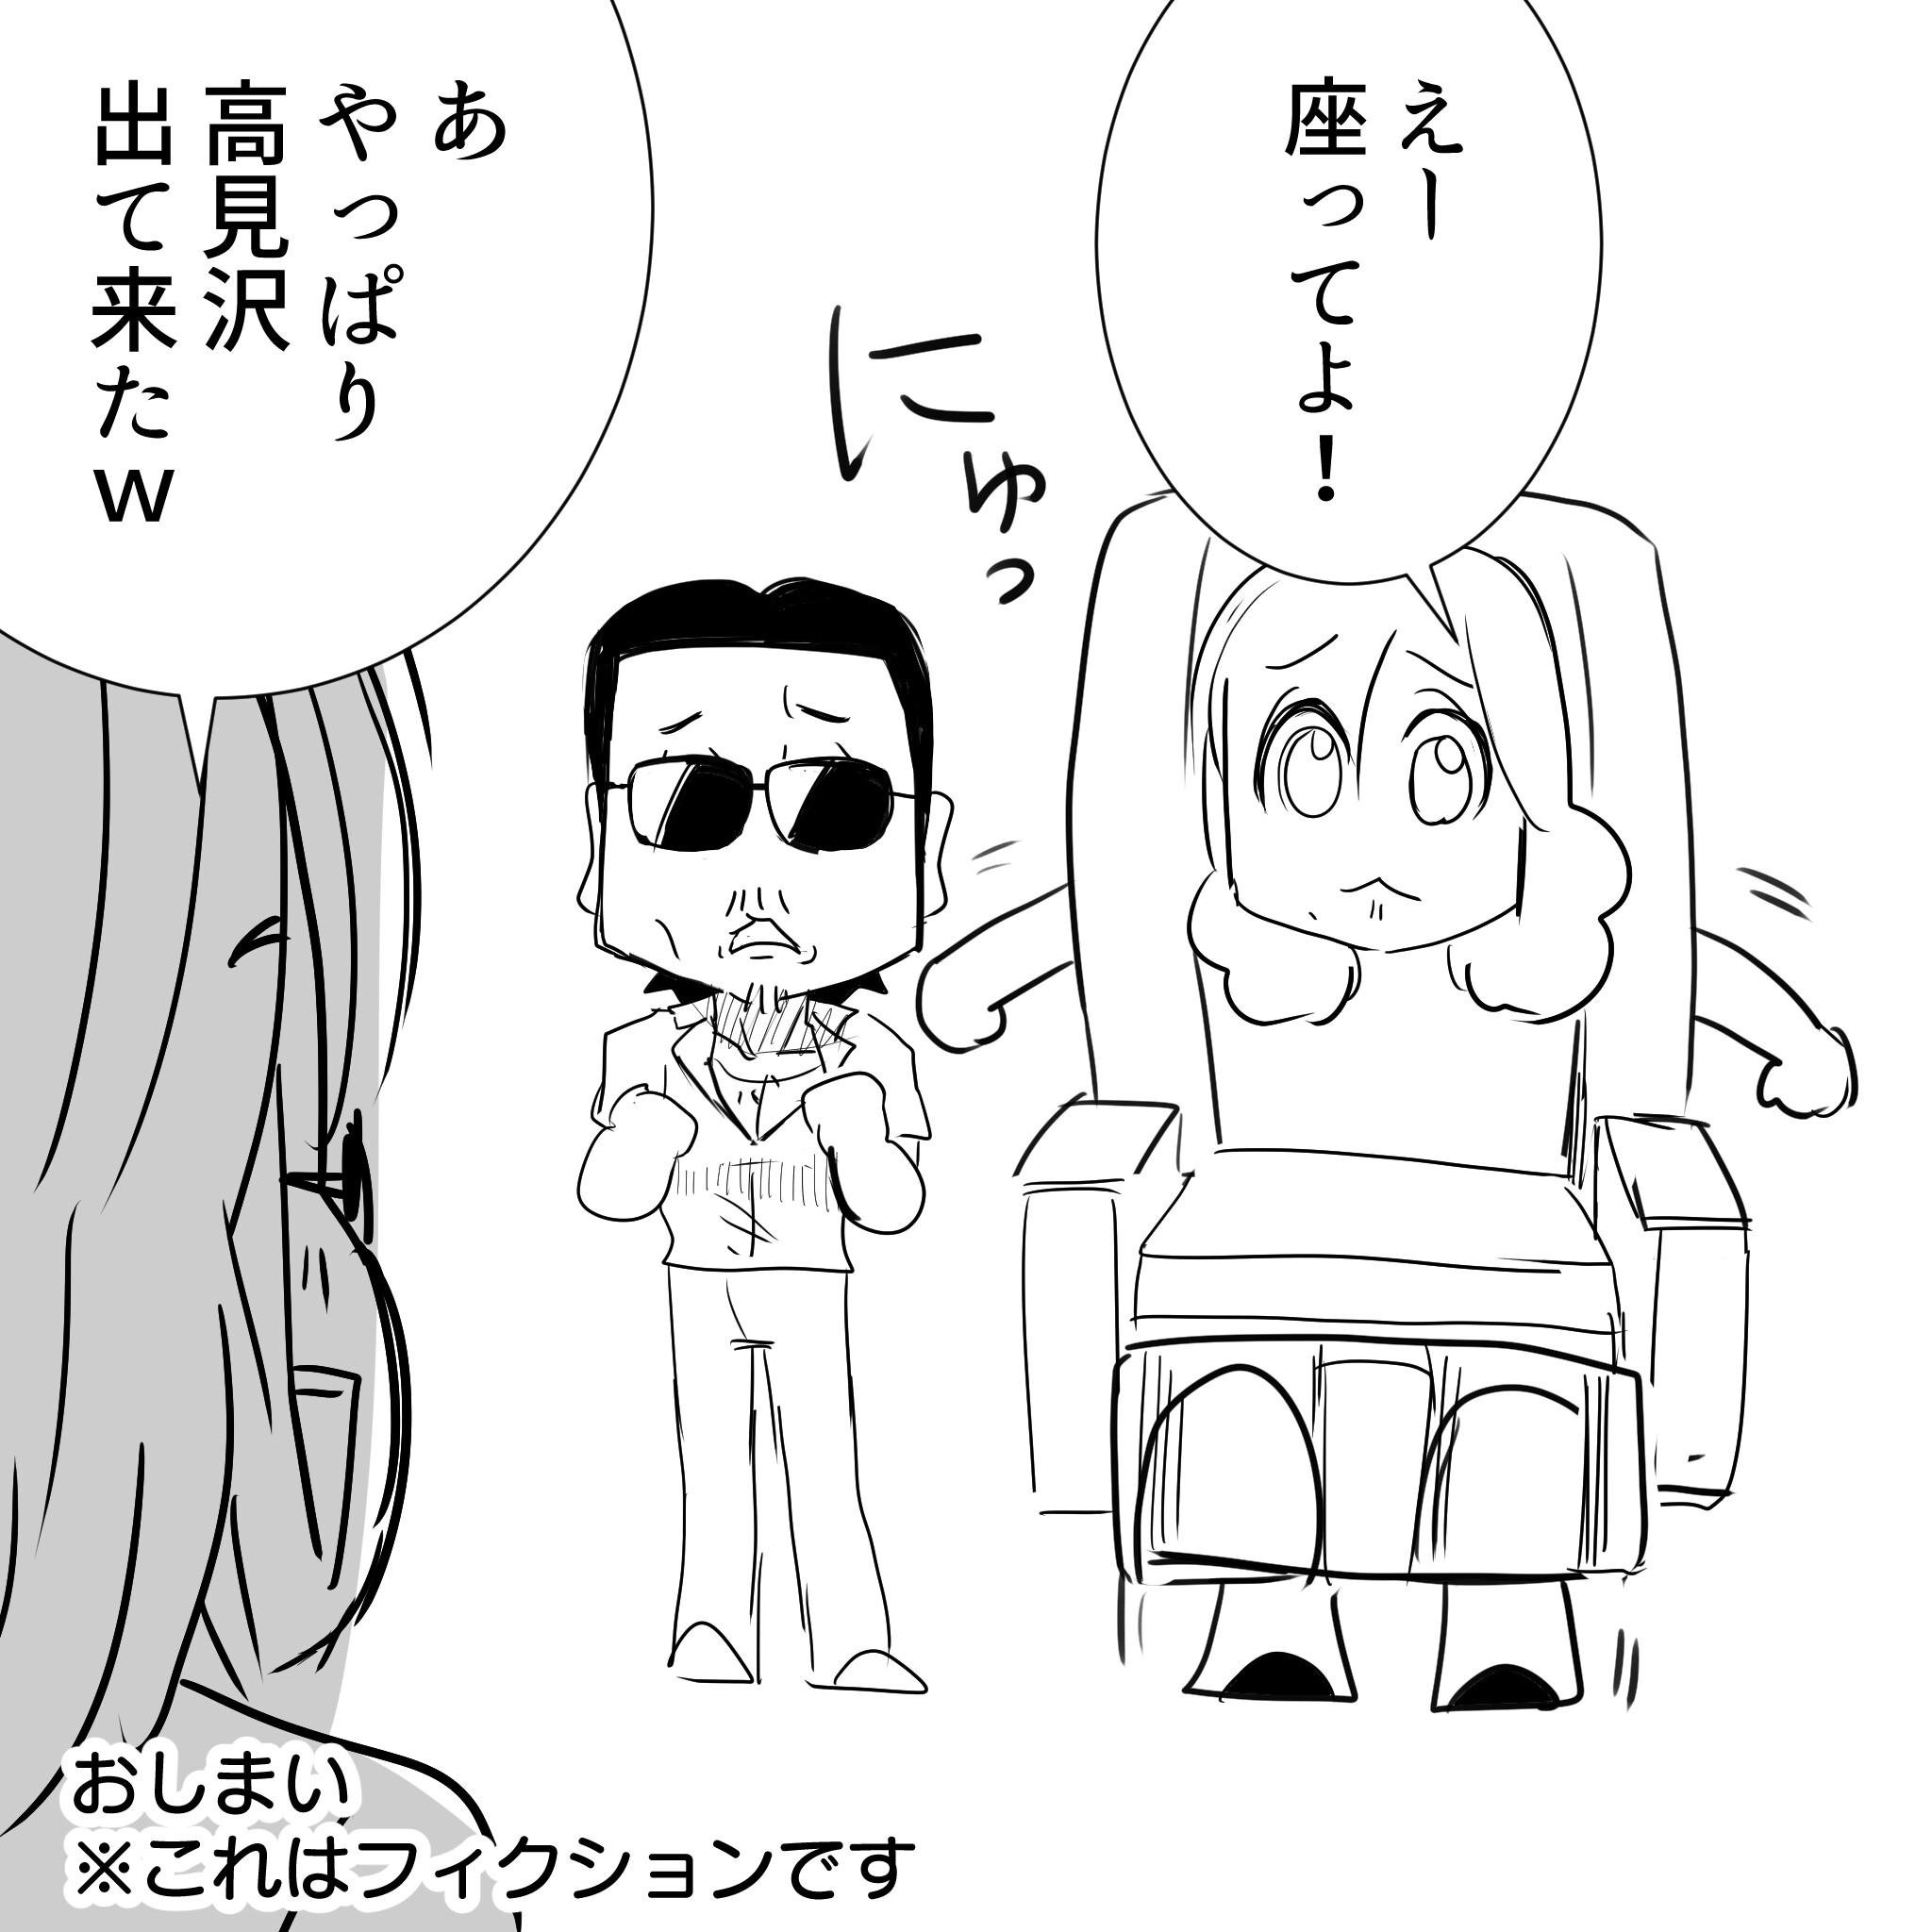 坂崎さんのマッサージチェア4